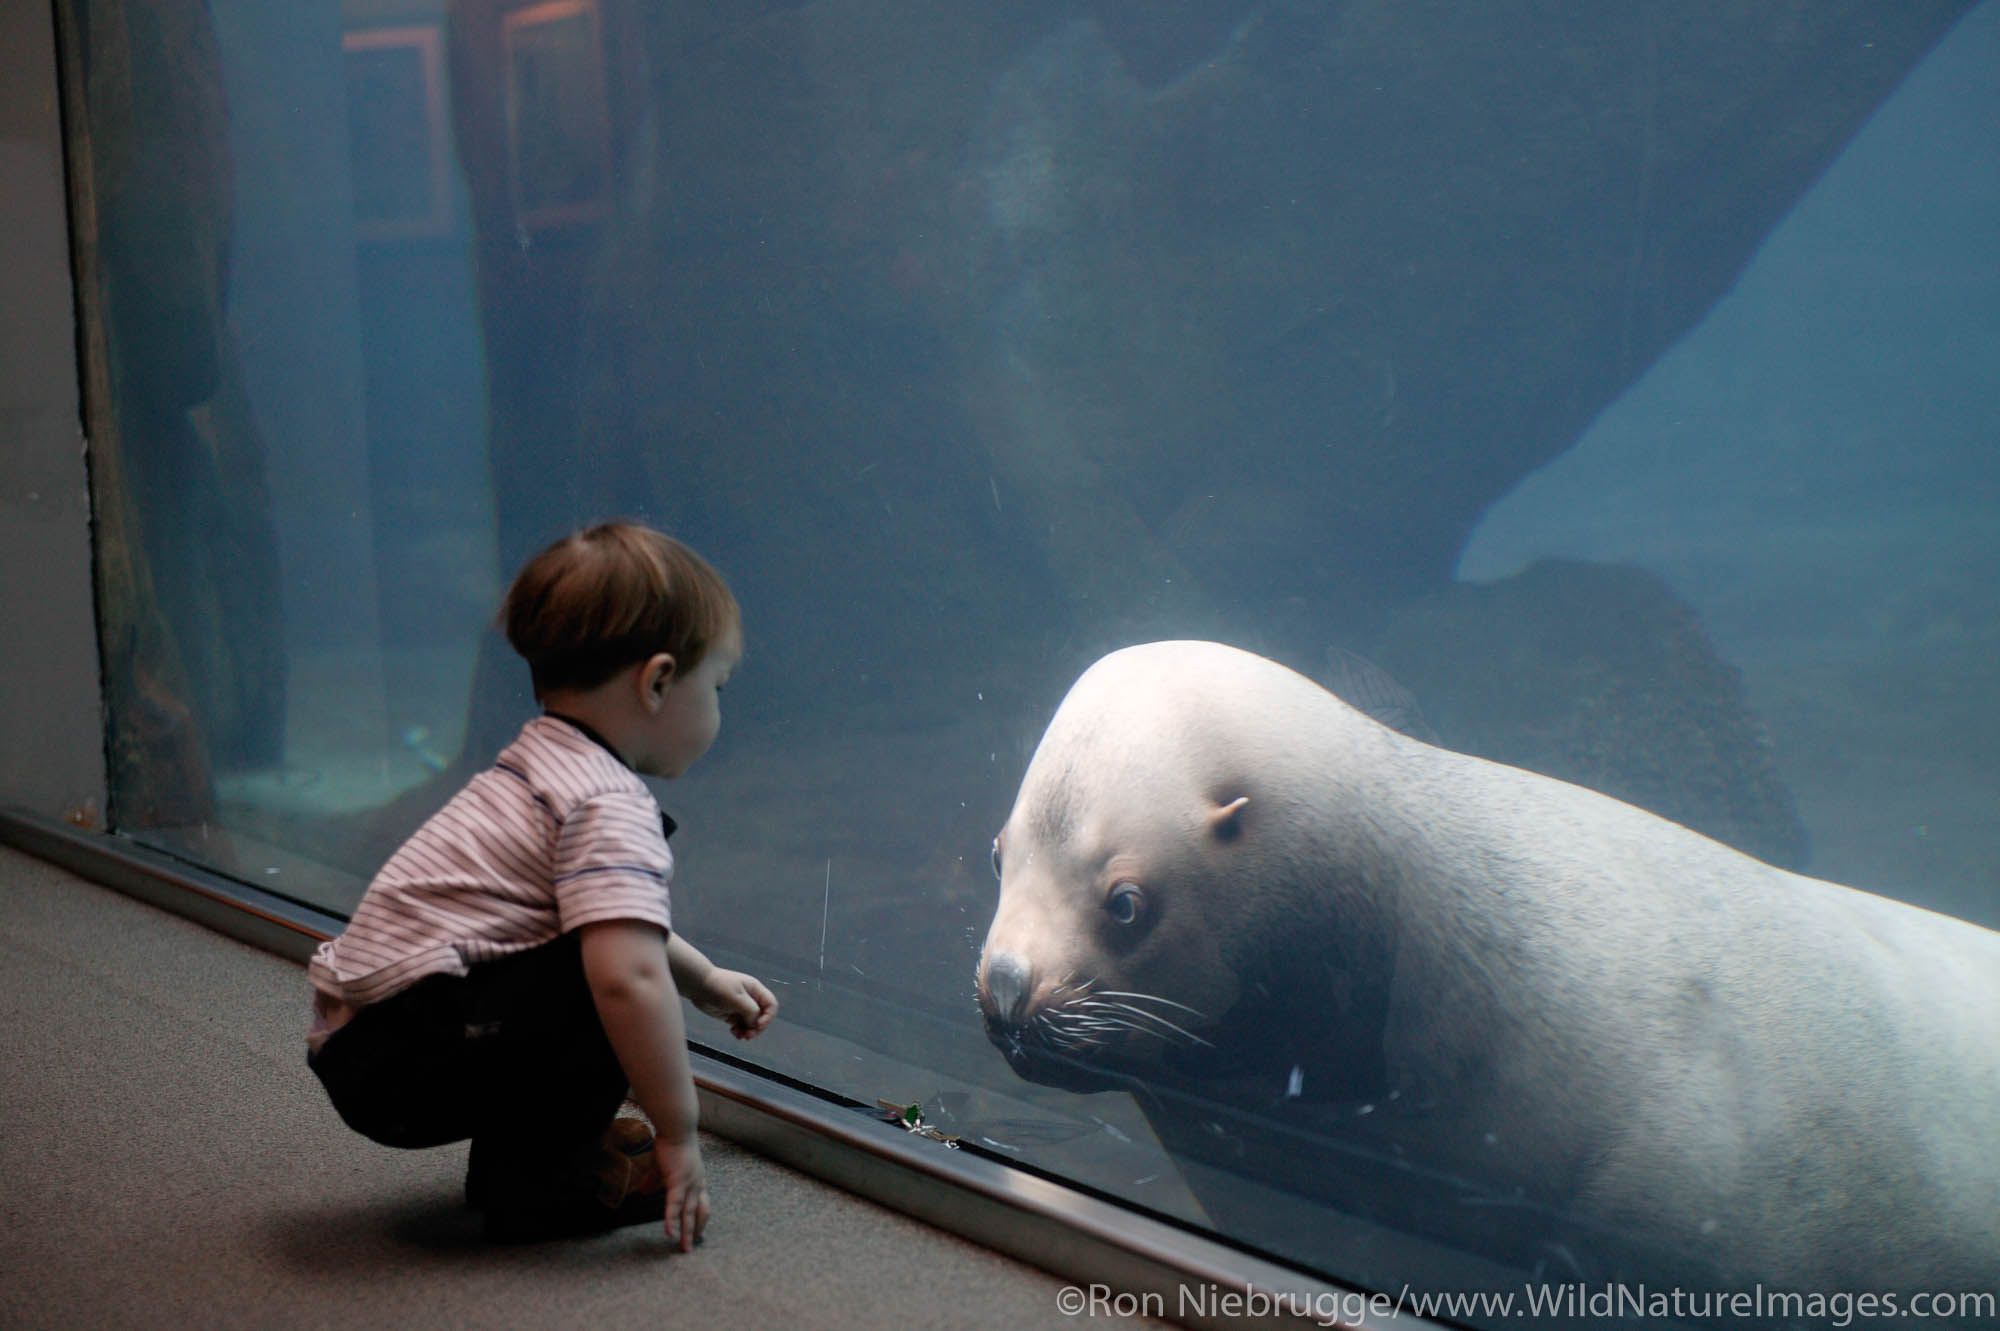 A young boy watches Woody the Sealion at the Alaska Sealife Center, Seward, Alaska.